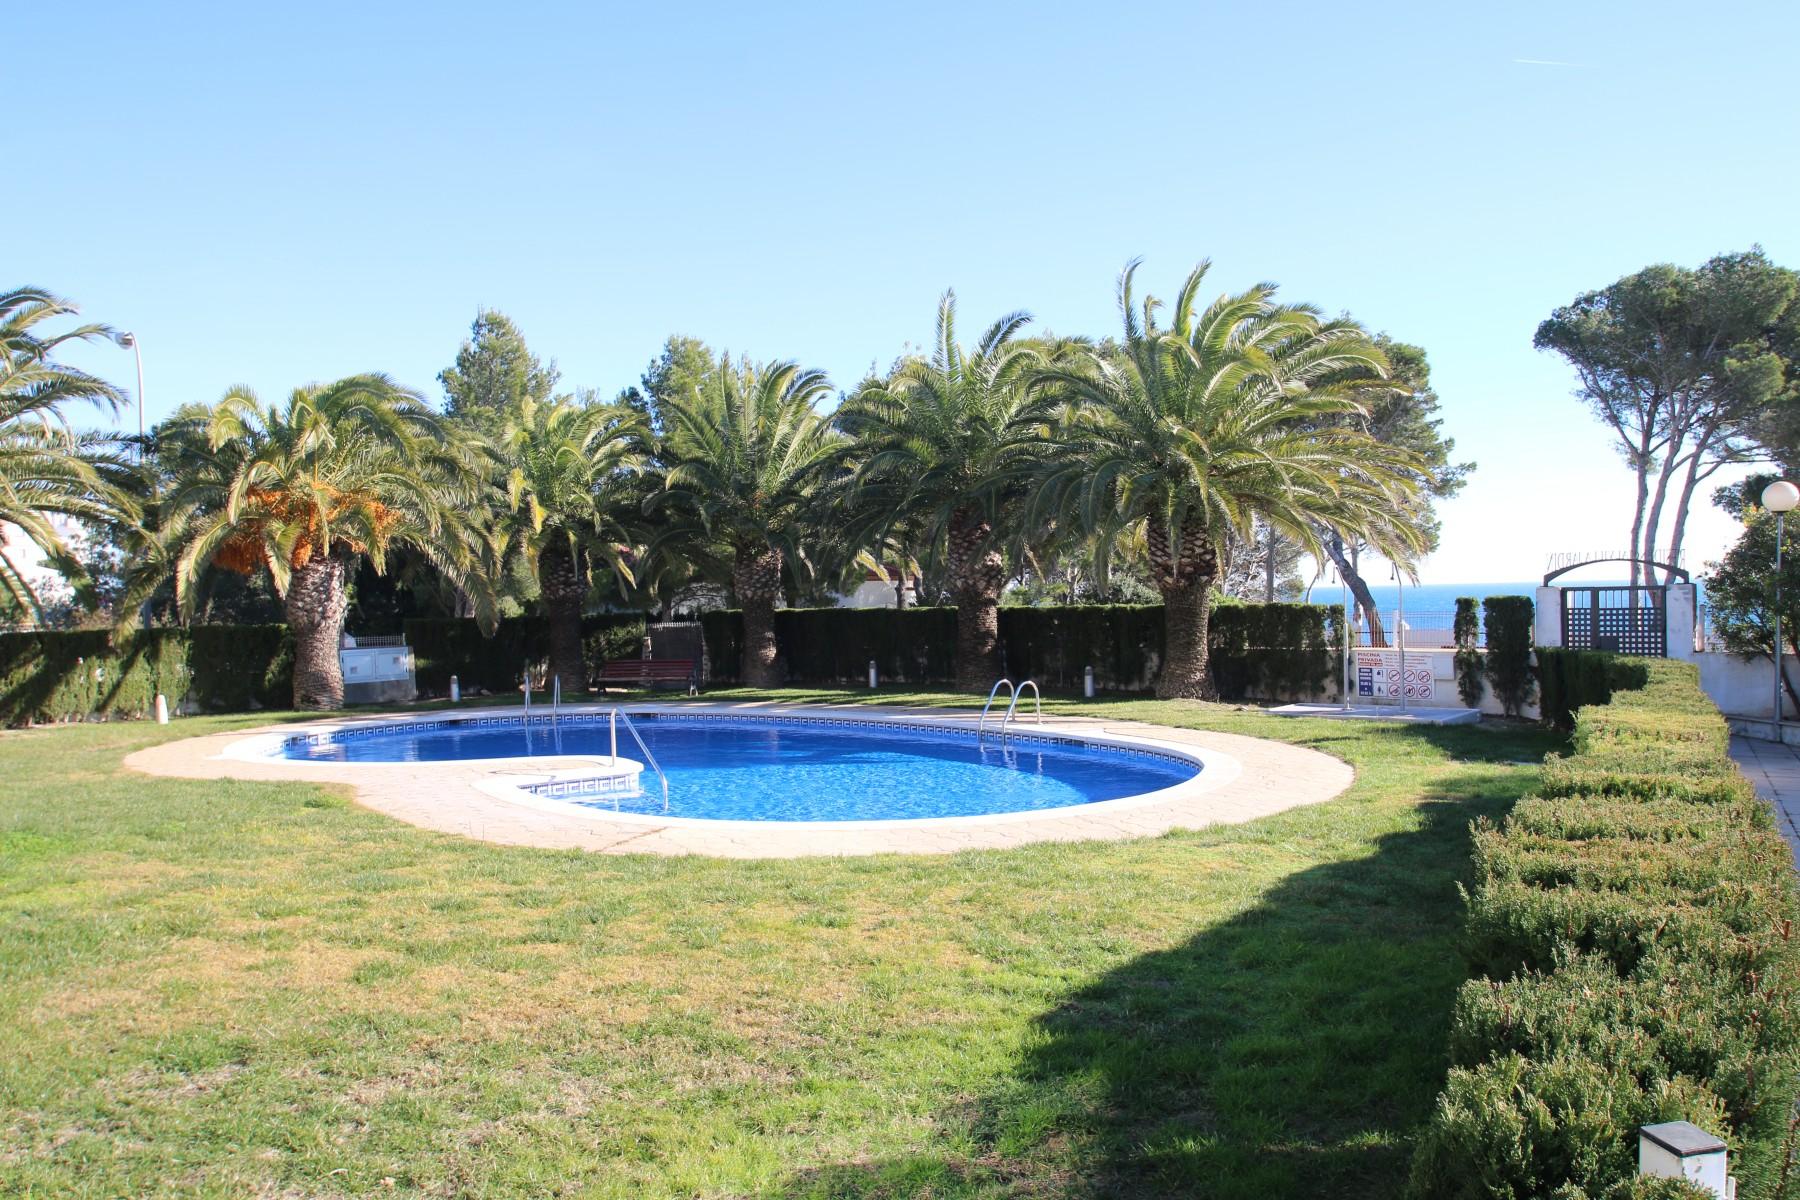 Appartements a miami playa apartamento villa jardin for Apartamentos villa jardin cambrils